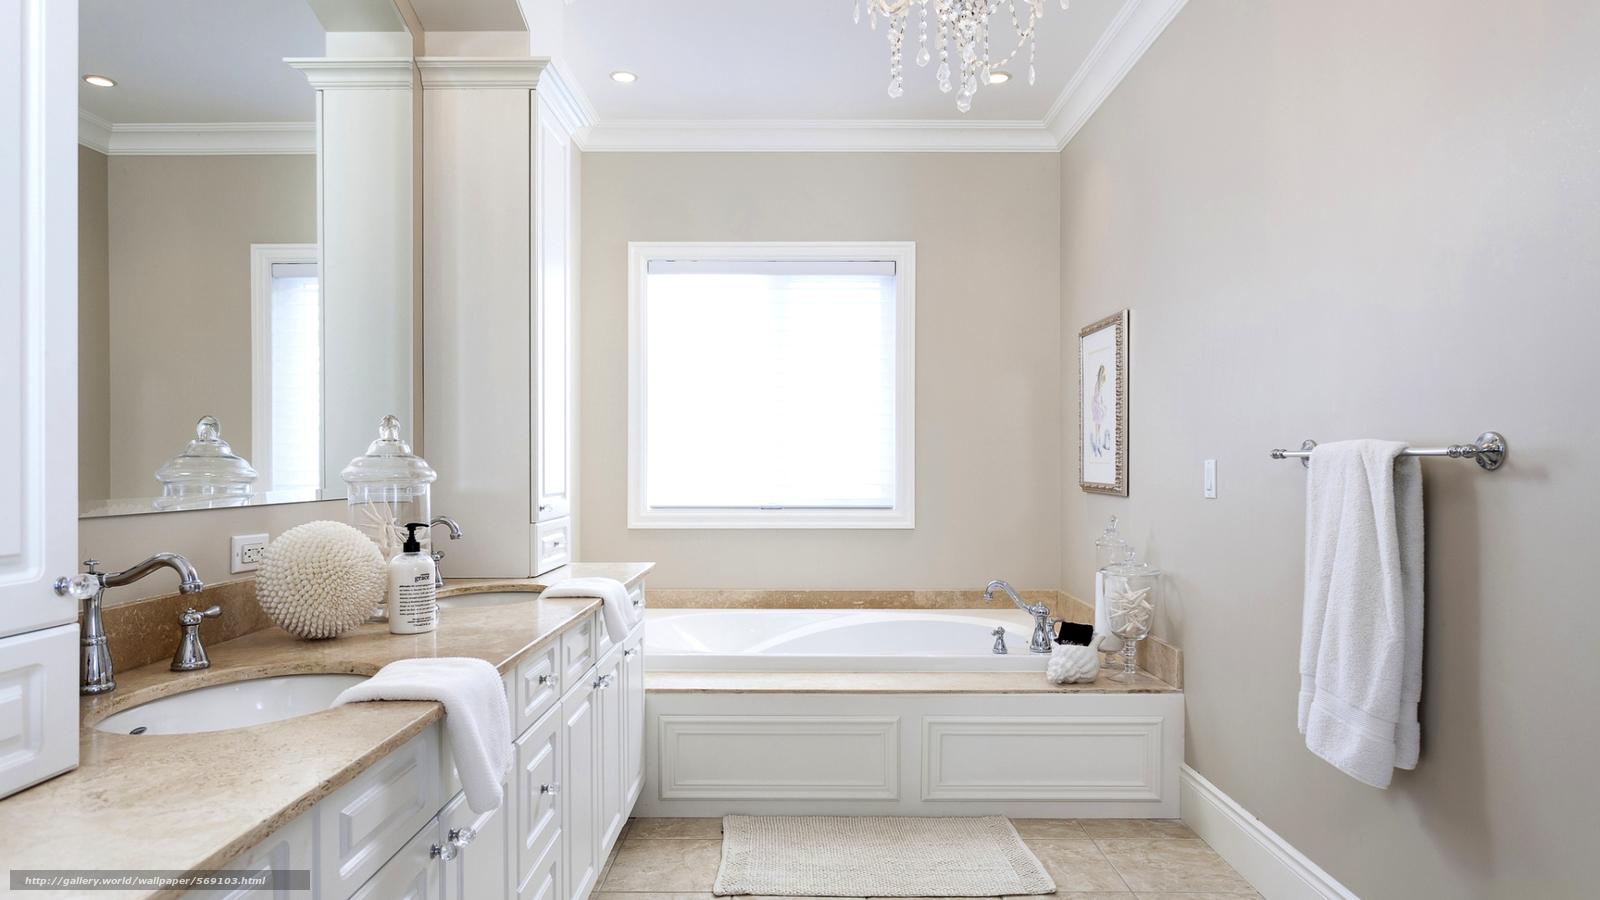 Papel de parede toalha janela gabinete quarto espelho №569103  #604933 1600 900